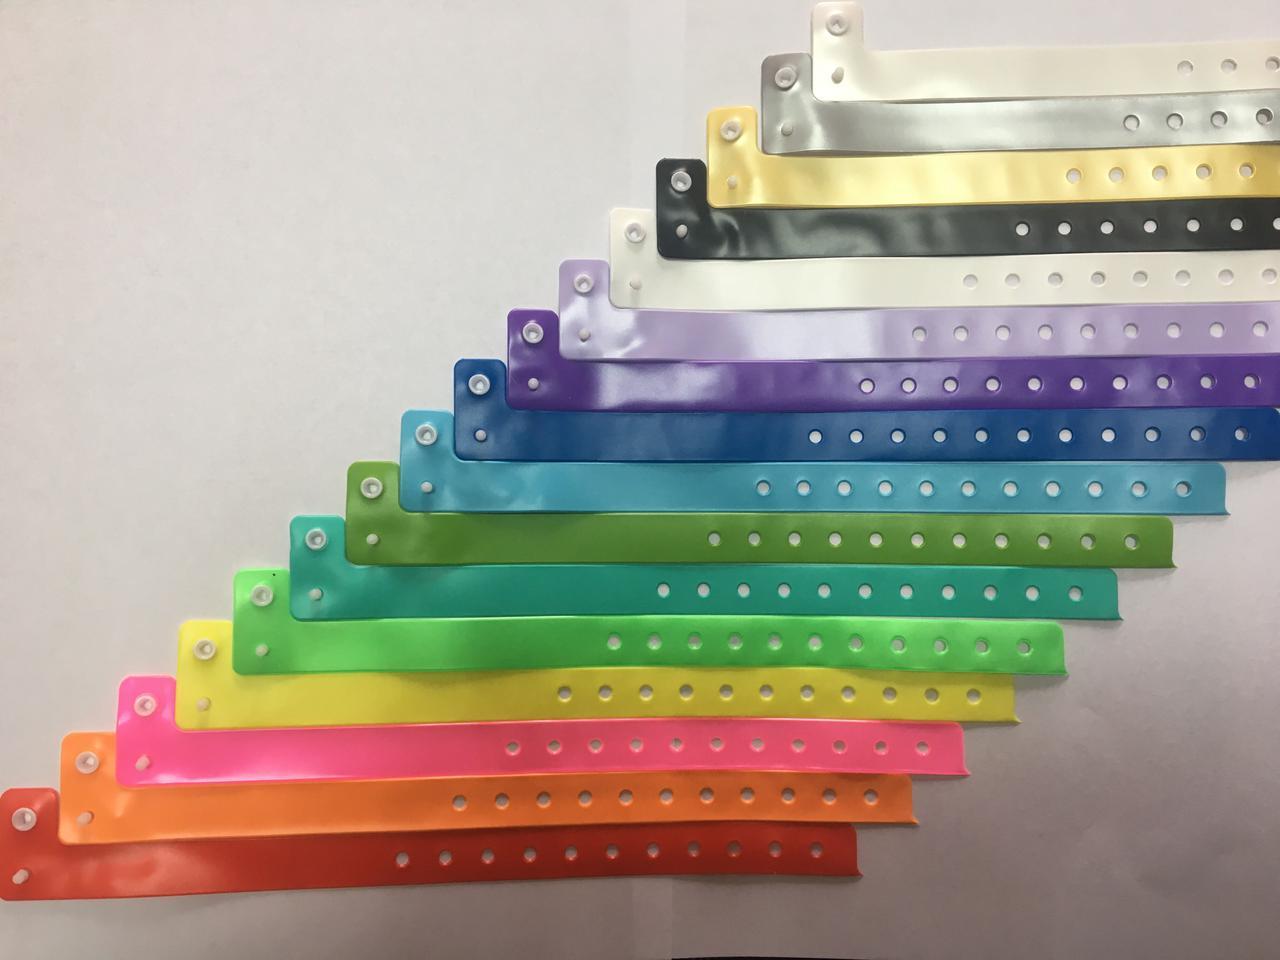 Виниловые браслеты от компании АС-Пломб